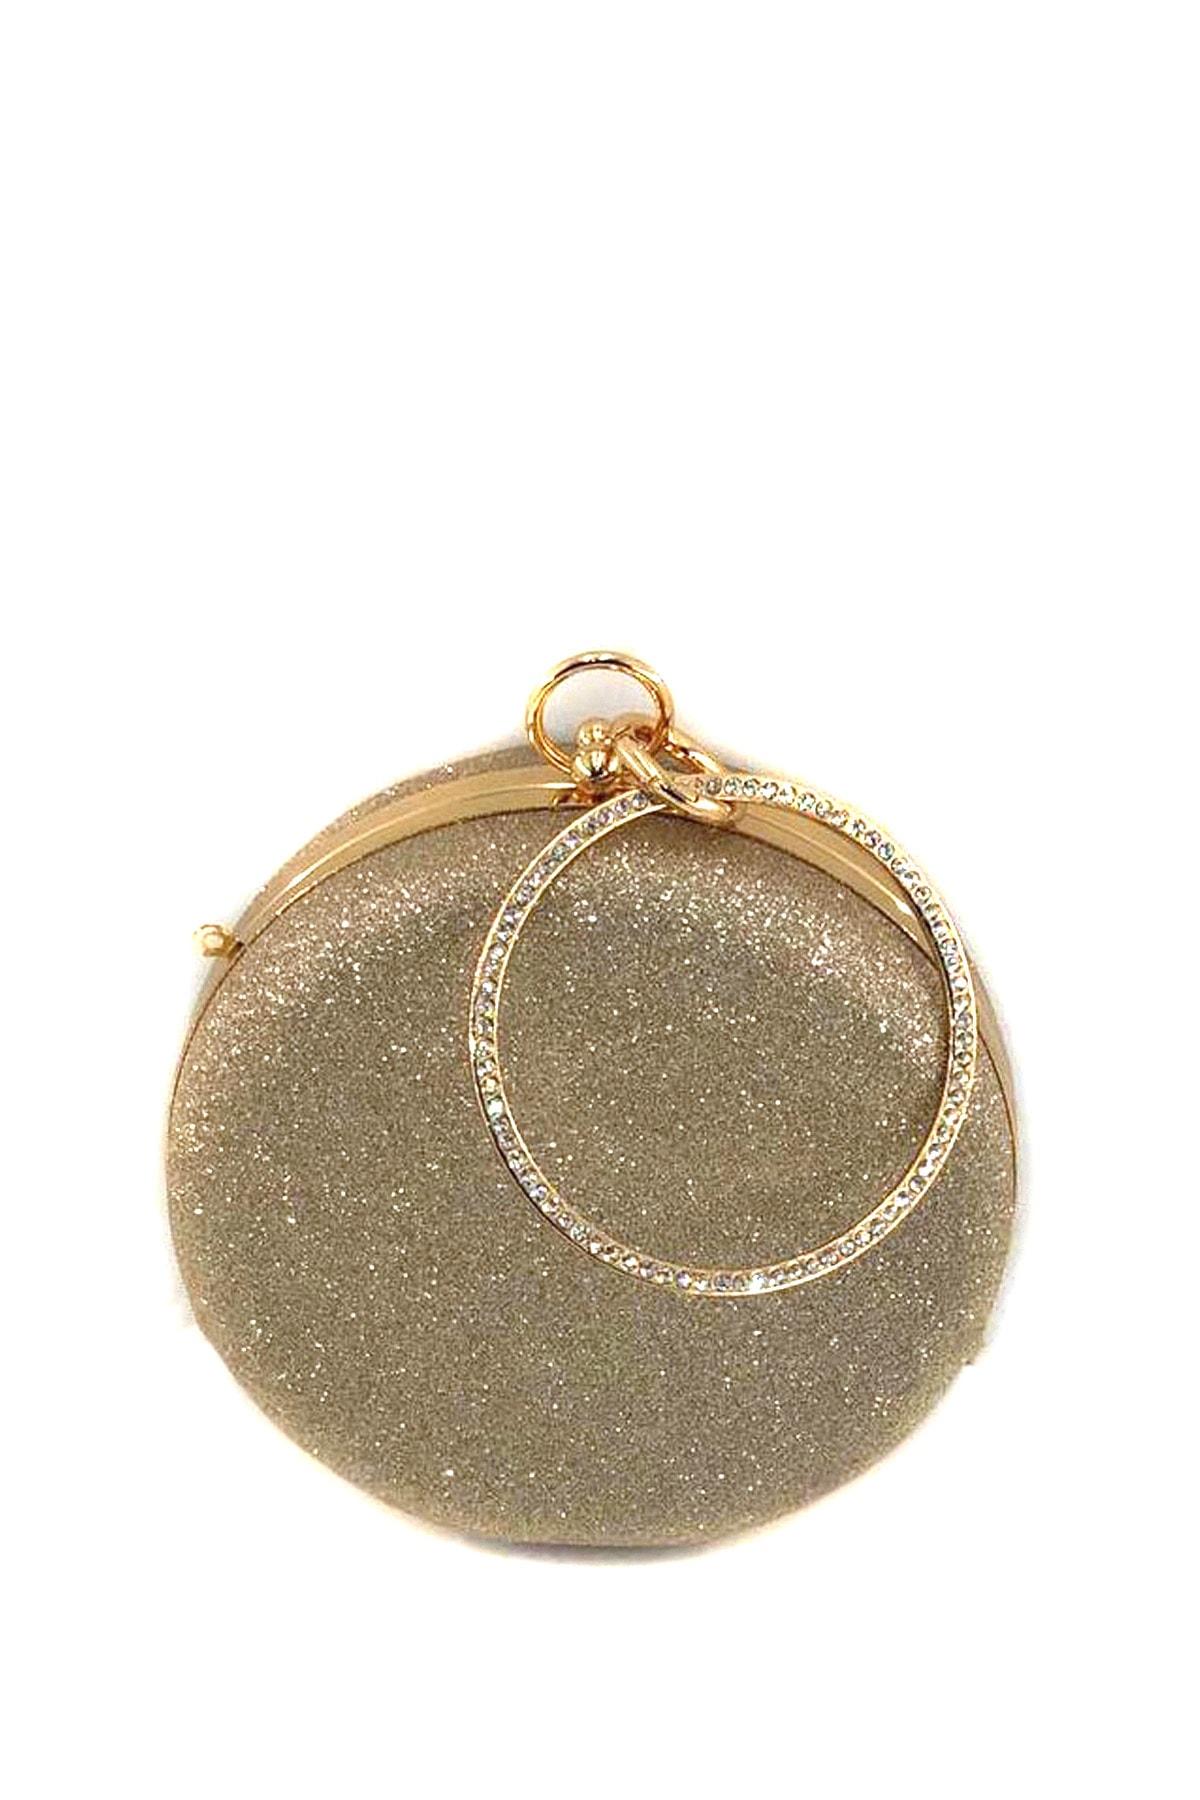 Modames Altın Kadın  Abiye Çanta B700111